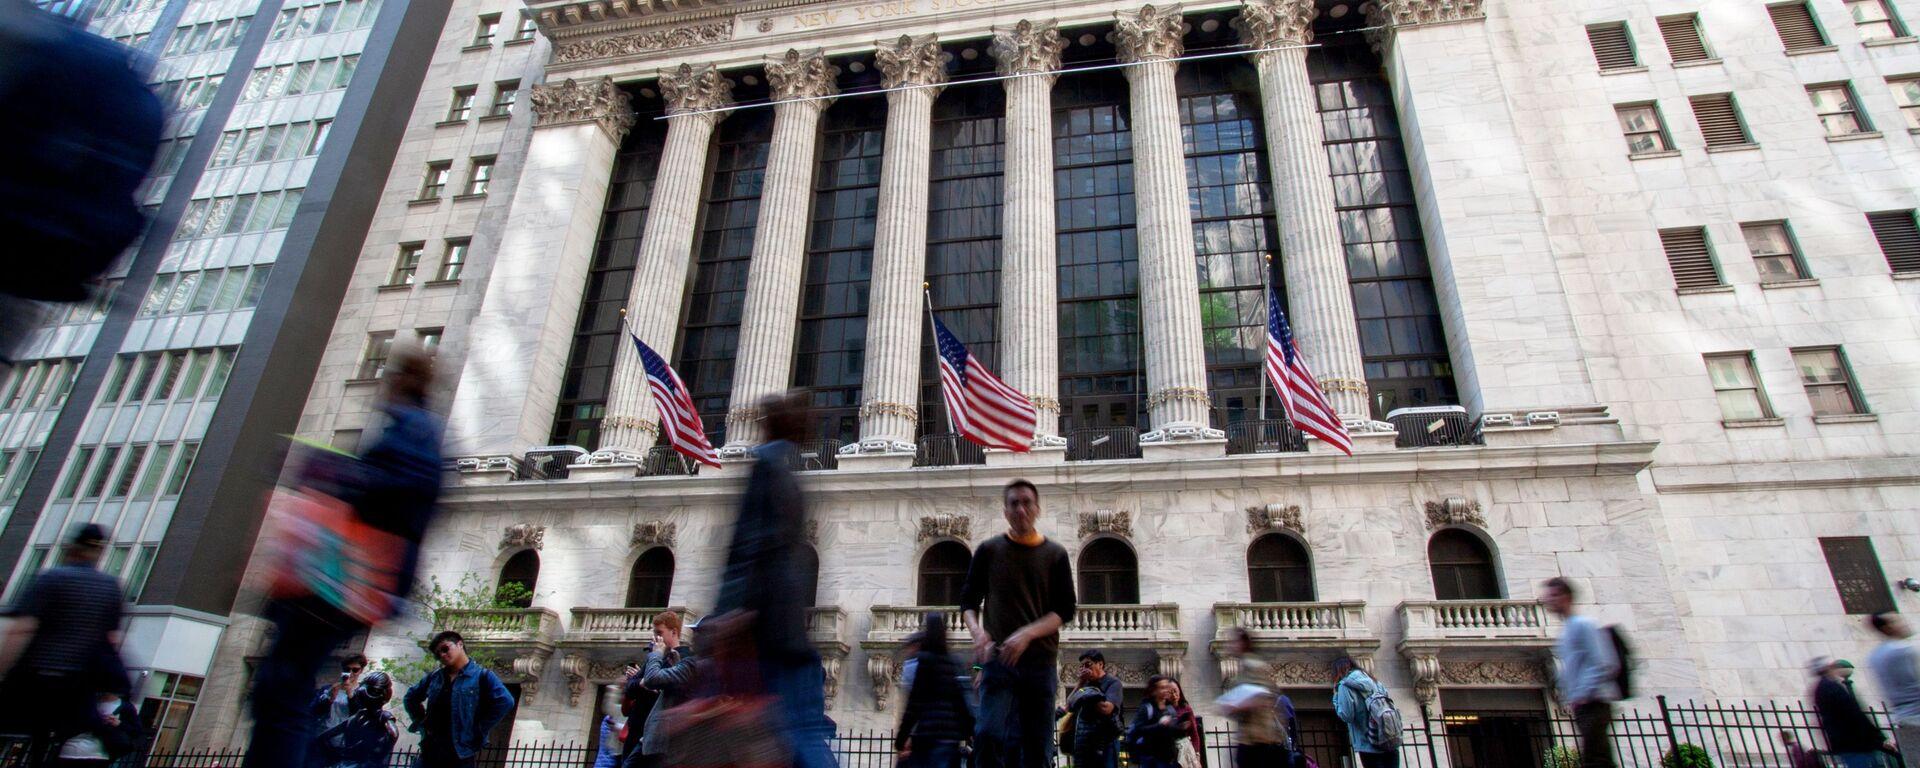 Нью-Йоркская фондовая биржа - Sputnik Latvija, 1920, 01.10.2021